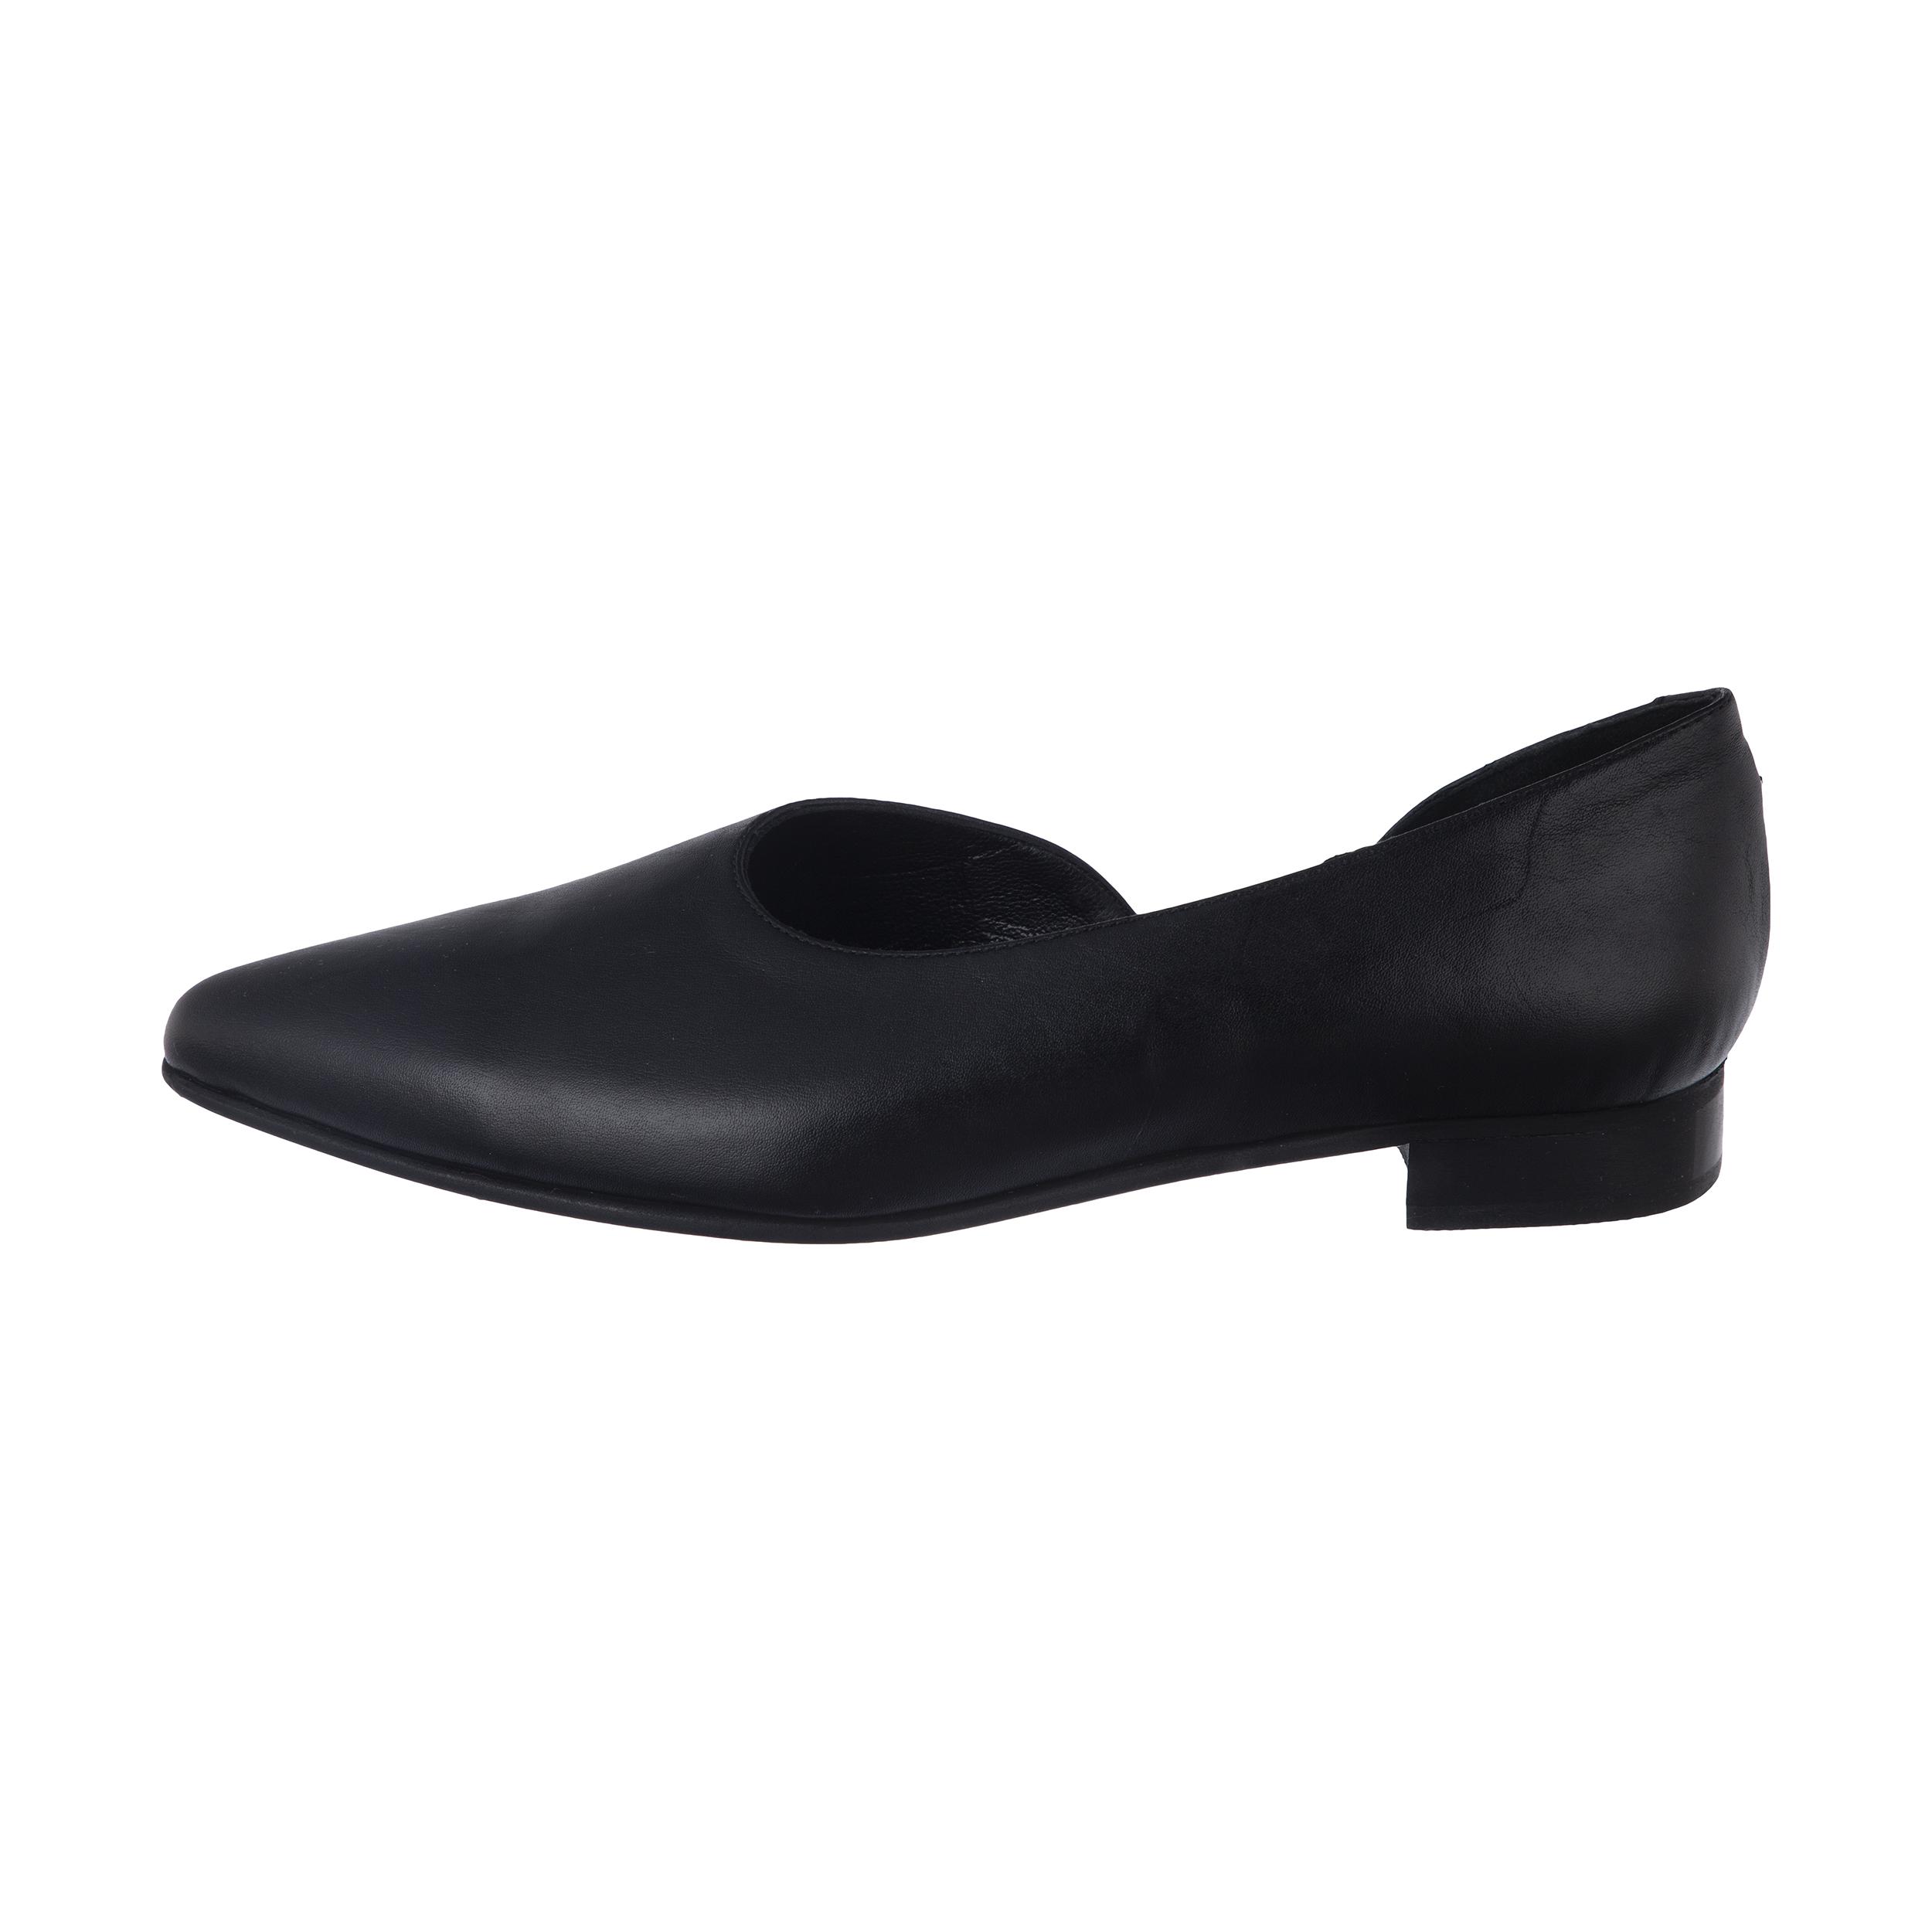 کفش زنانه آرتمن مدل Aila 2-41884